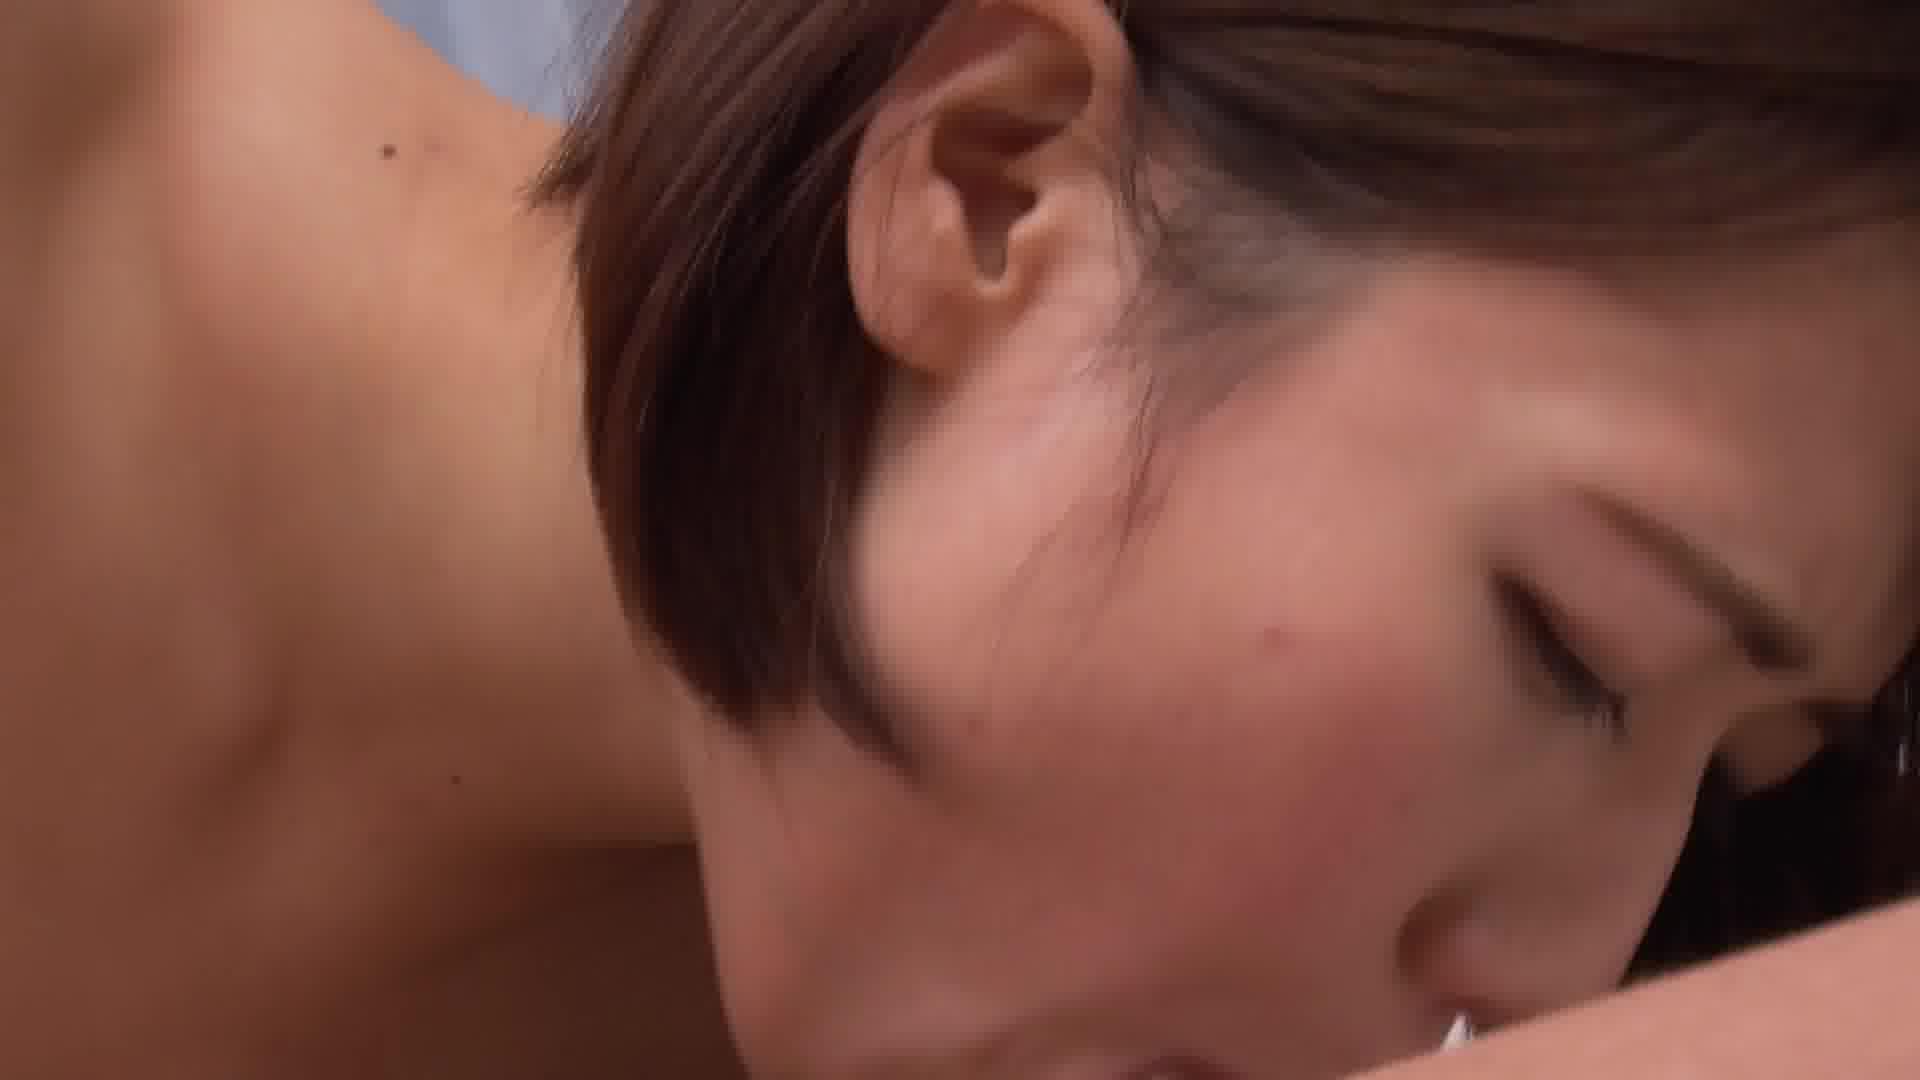 チンポが好き過ぎて切磋琢磨された絶妙な舌技! - 菊川みつ葉【巨乳・3P・パイズリ】